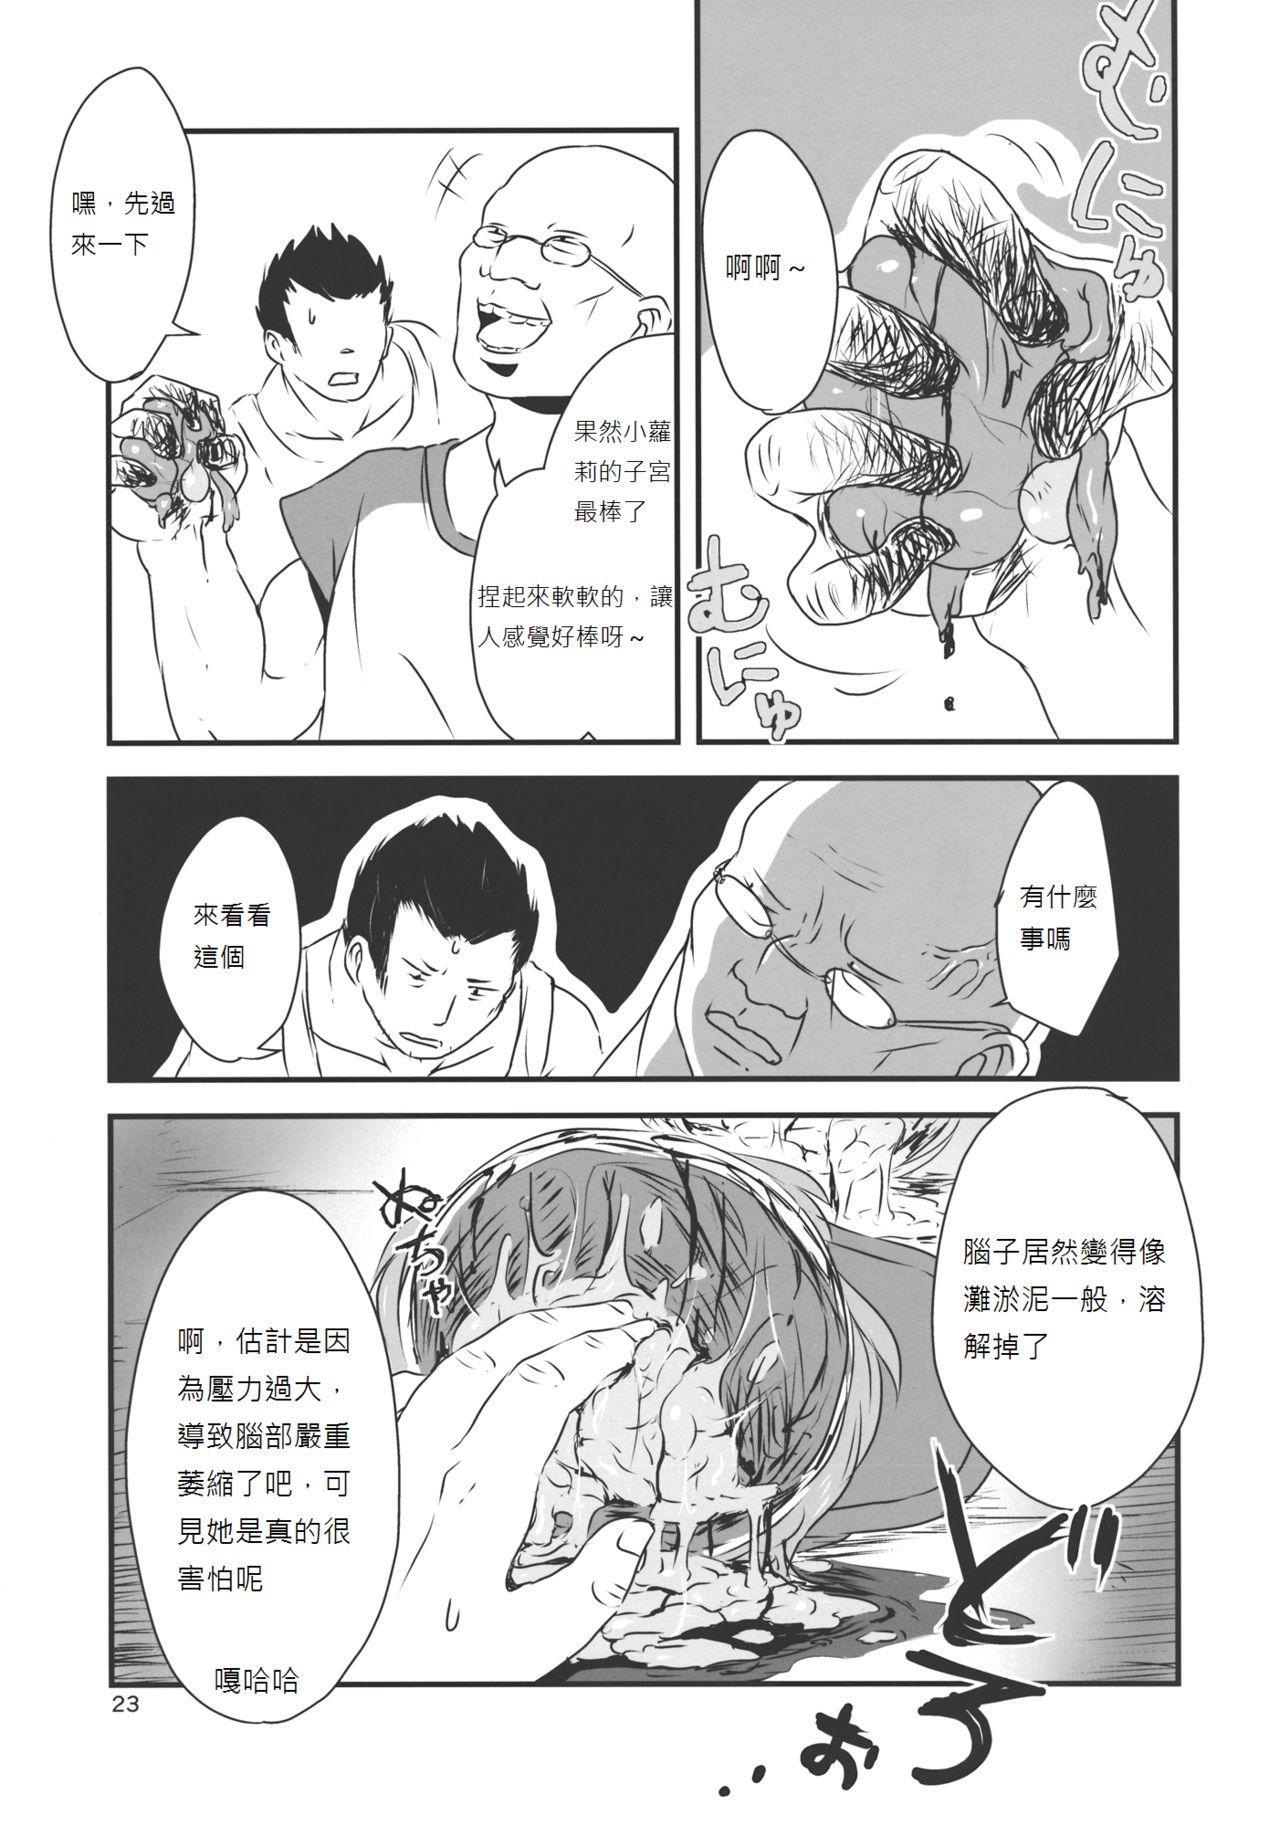 (Kouroumu 9) [02 (Harasaki)] (Kojin Satsuei)(Touhou)(Kouroumu 9)[02] Touhou snuff vol.3 Kawashiro Nitori (Mushuusei) (Loli-kei Youjo no Kirei na Hadaka wo Suki Houdai shichai mashita!).avi (Touhou Project) [Chinese] [布洛基个人汉化] 23